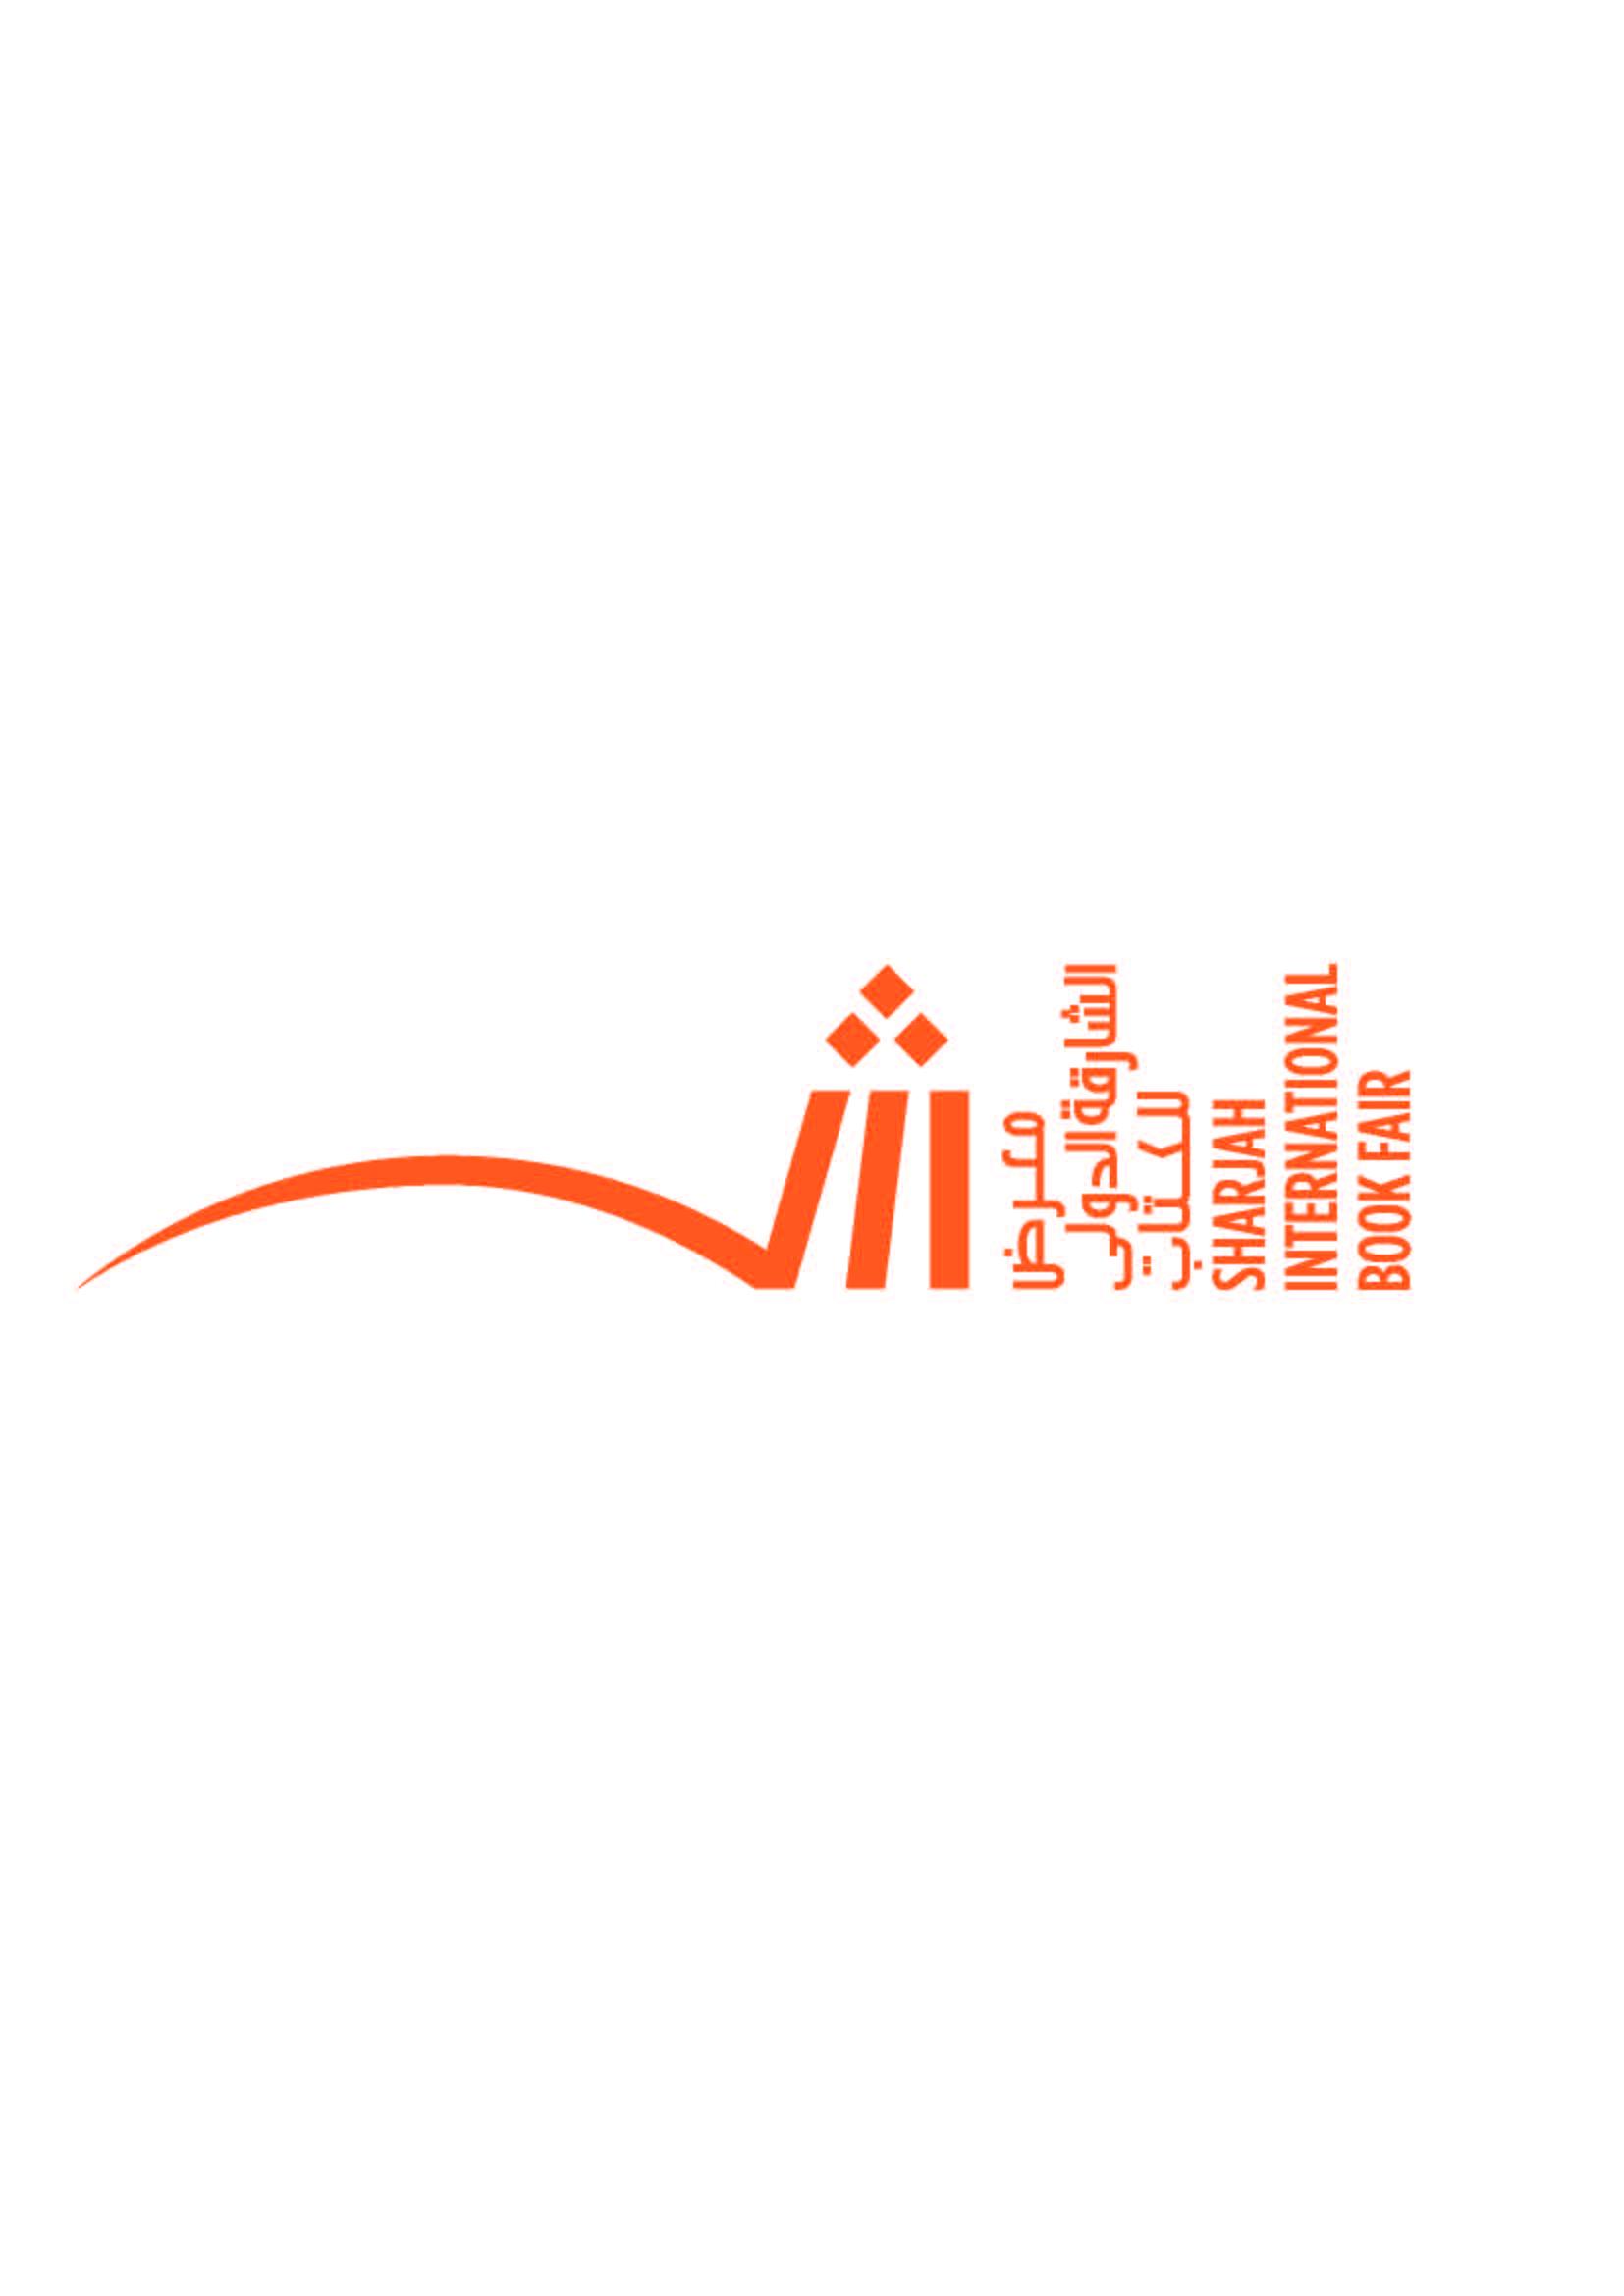 شعار معرض الشارقة الدولي للكتاب